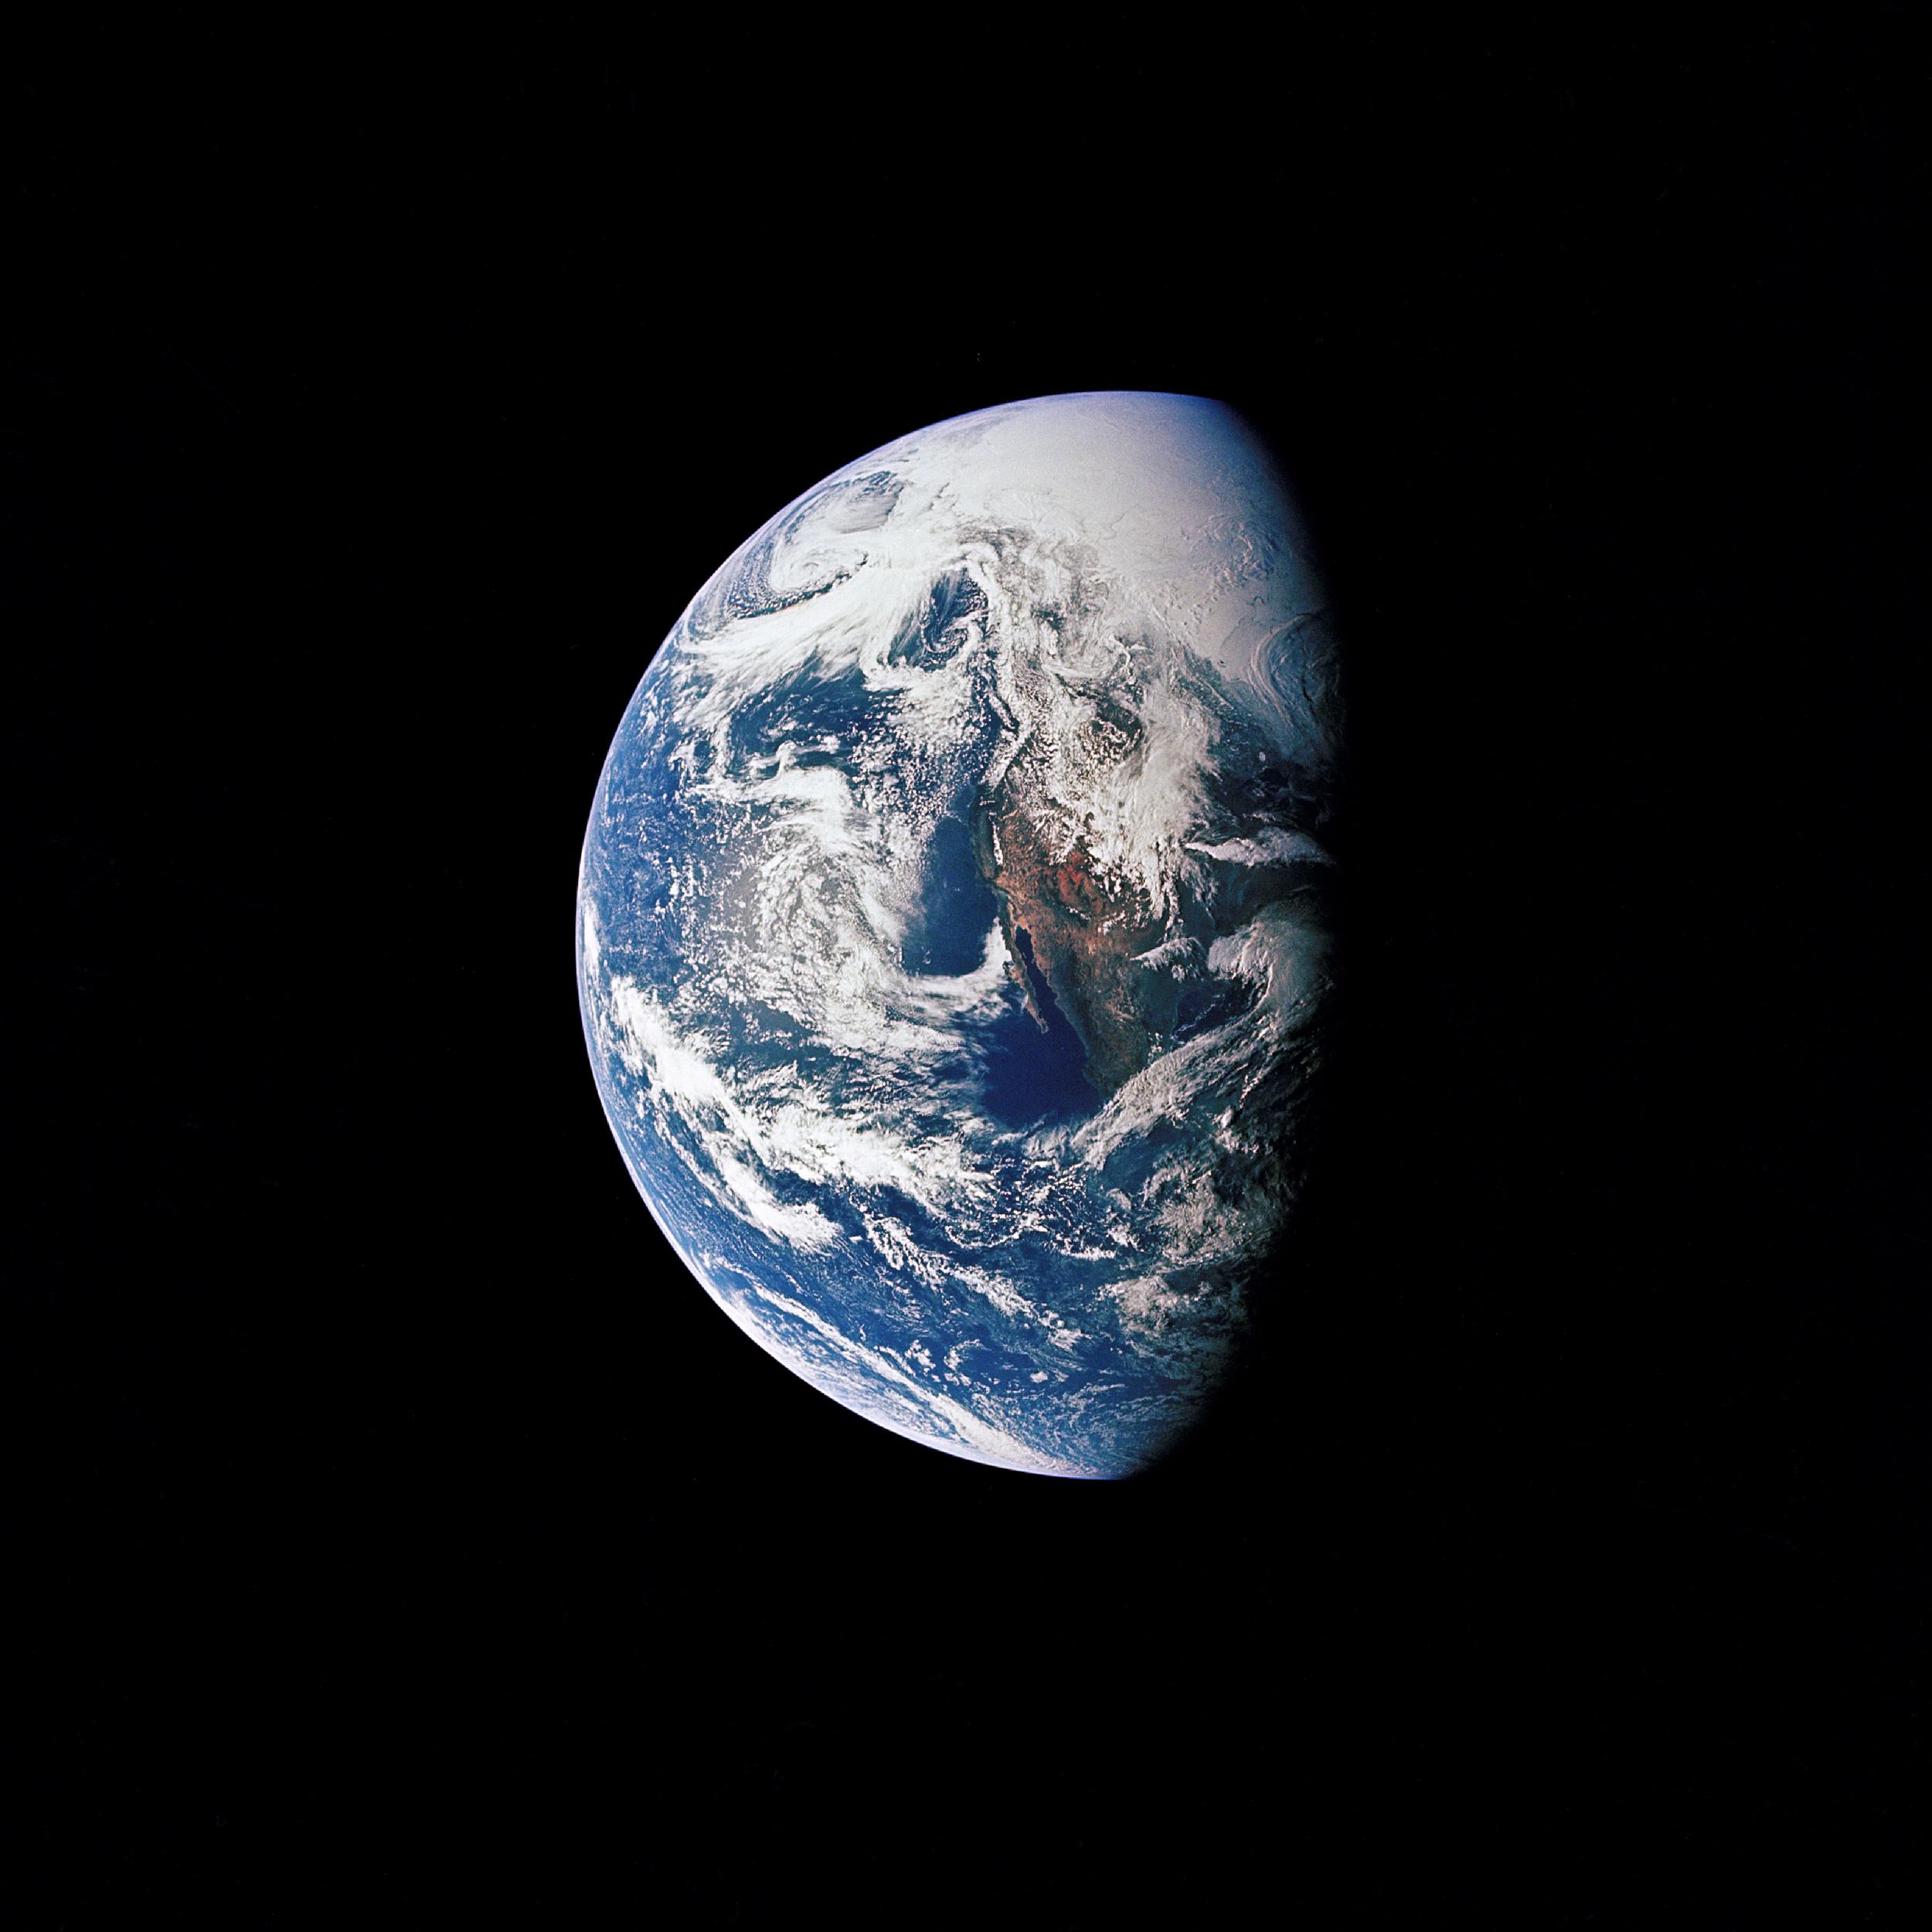 142960 скачать обои Космос, Пространство, Земля, Планета - заставки и картинки бесплатно